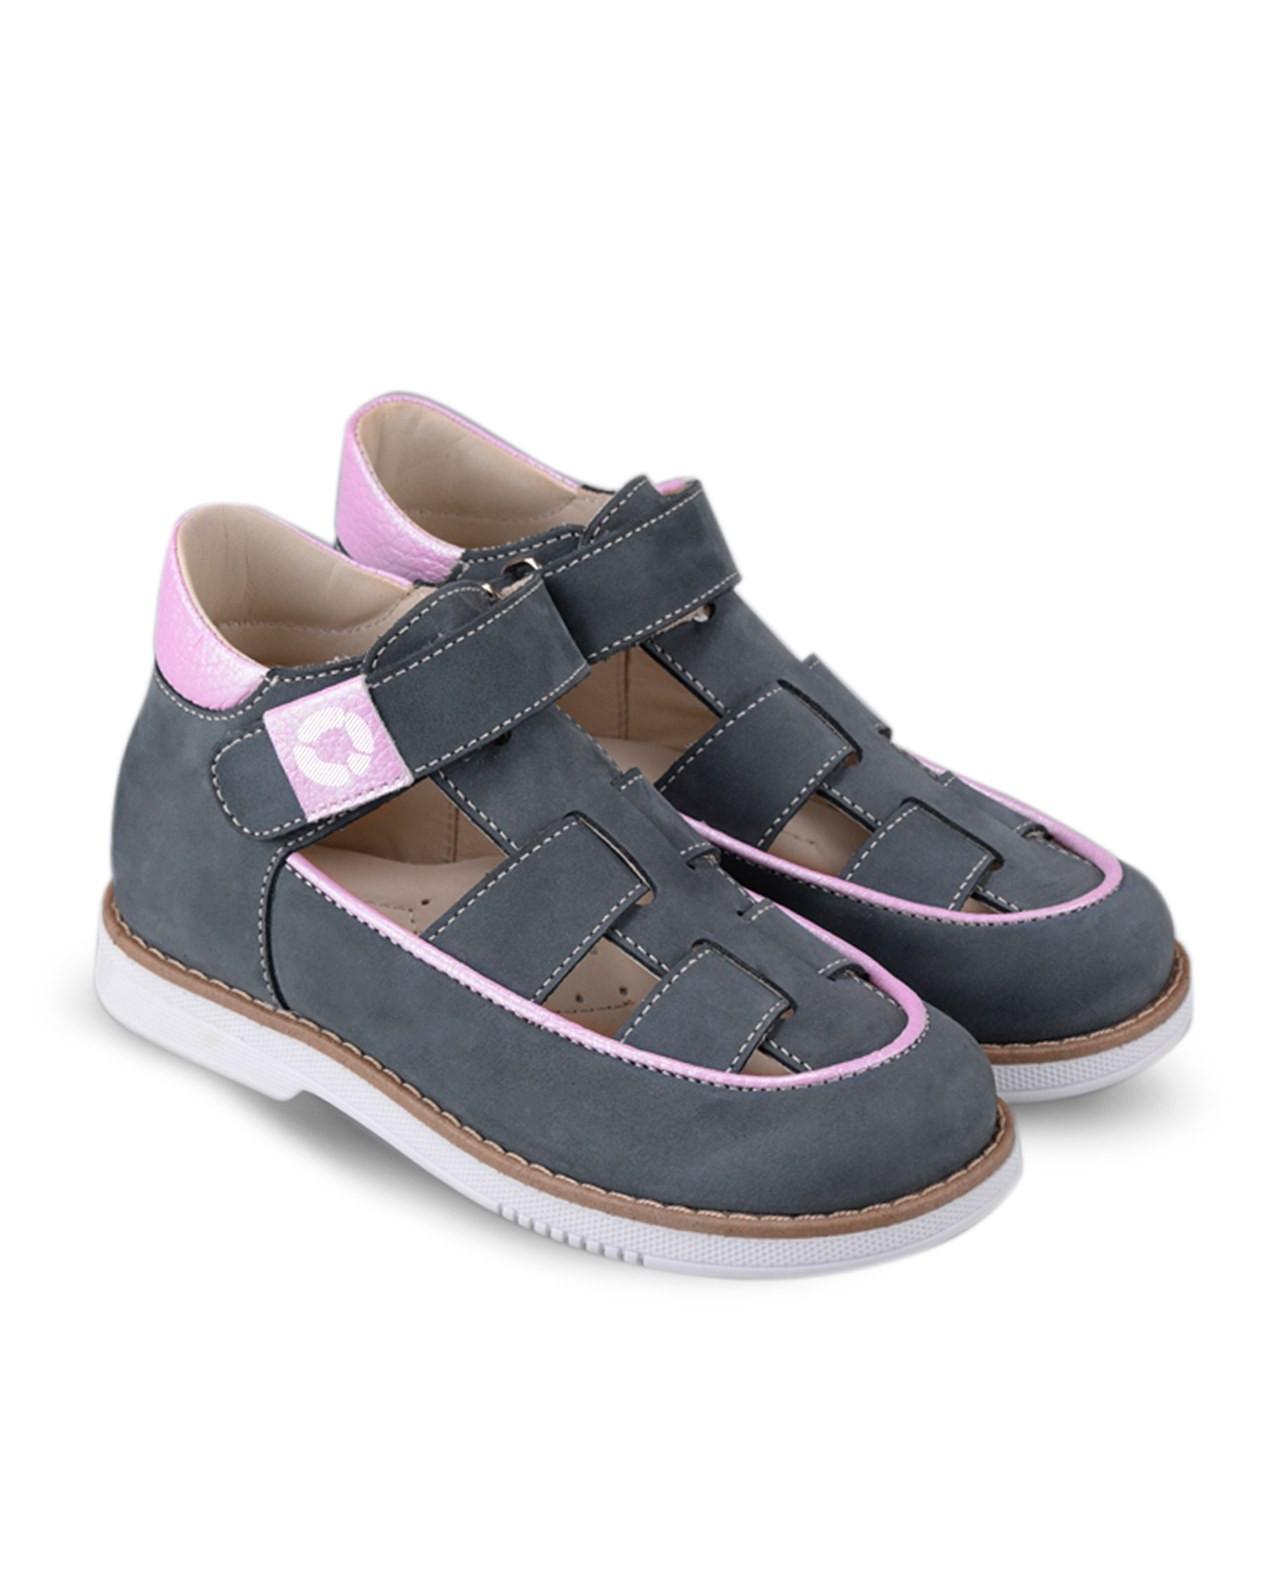 Туфли Детские, Tapiboo Панакота (43170, 29 )Туфли<br>Туфли для ежедневной профилактики плоскостопия. <br>Идеальны как сменная обувь в детский сад <br>и начальную школу. Широкий, устойчивый каблук, <br>специальной конфигурации «каблук Томаса». <br>Каблук продлен с внутренней стороны до <br>середины стопы, чтобы исключить вращение <br>(заваливание) стопы вовнутрь (пронационный <br>компонент деформации, так называемая косолапость, <br>или вальгусная деформация). Многослойная, <br>анатомическая стелька со сводоподдерживающим <br>элементом для правильного формирования <br>стопы. Благодаря использованию современных <br>внутренних материалов позволяет оптимально <br>распределить нагрузку по всей площади стопы <br>и свести к минимуму ее ударную составляющую. <br>Жесткий фиксирующий задник с удлиненным <br>«крылом» надежно стабилизирует голеностопный <br>сустав во время ходьбы, препятствуя развитию <br>патологических изменений стопы. Упругая, <br>умеренно-эластичная подошва, имеющая перекат <br>позволяющий повторить естественное движение <br>стопы при ходьбе для правильного распределения <br>нагрузки на опорно-двигательный аппарат <br>ребенка. Подкладка из кож<br>Размер INT: M; Цвет: Красный; Ширина: 100; Высота: 200; Вес: 1000;